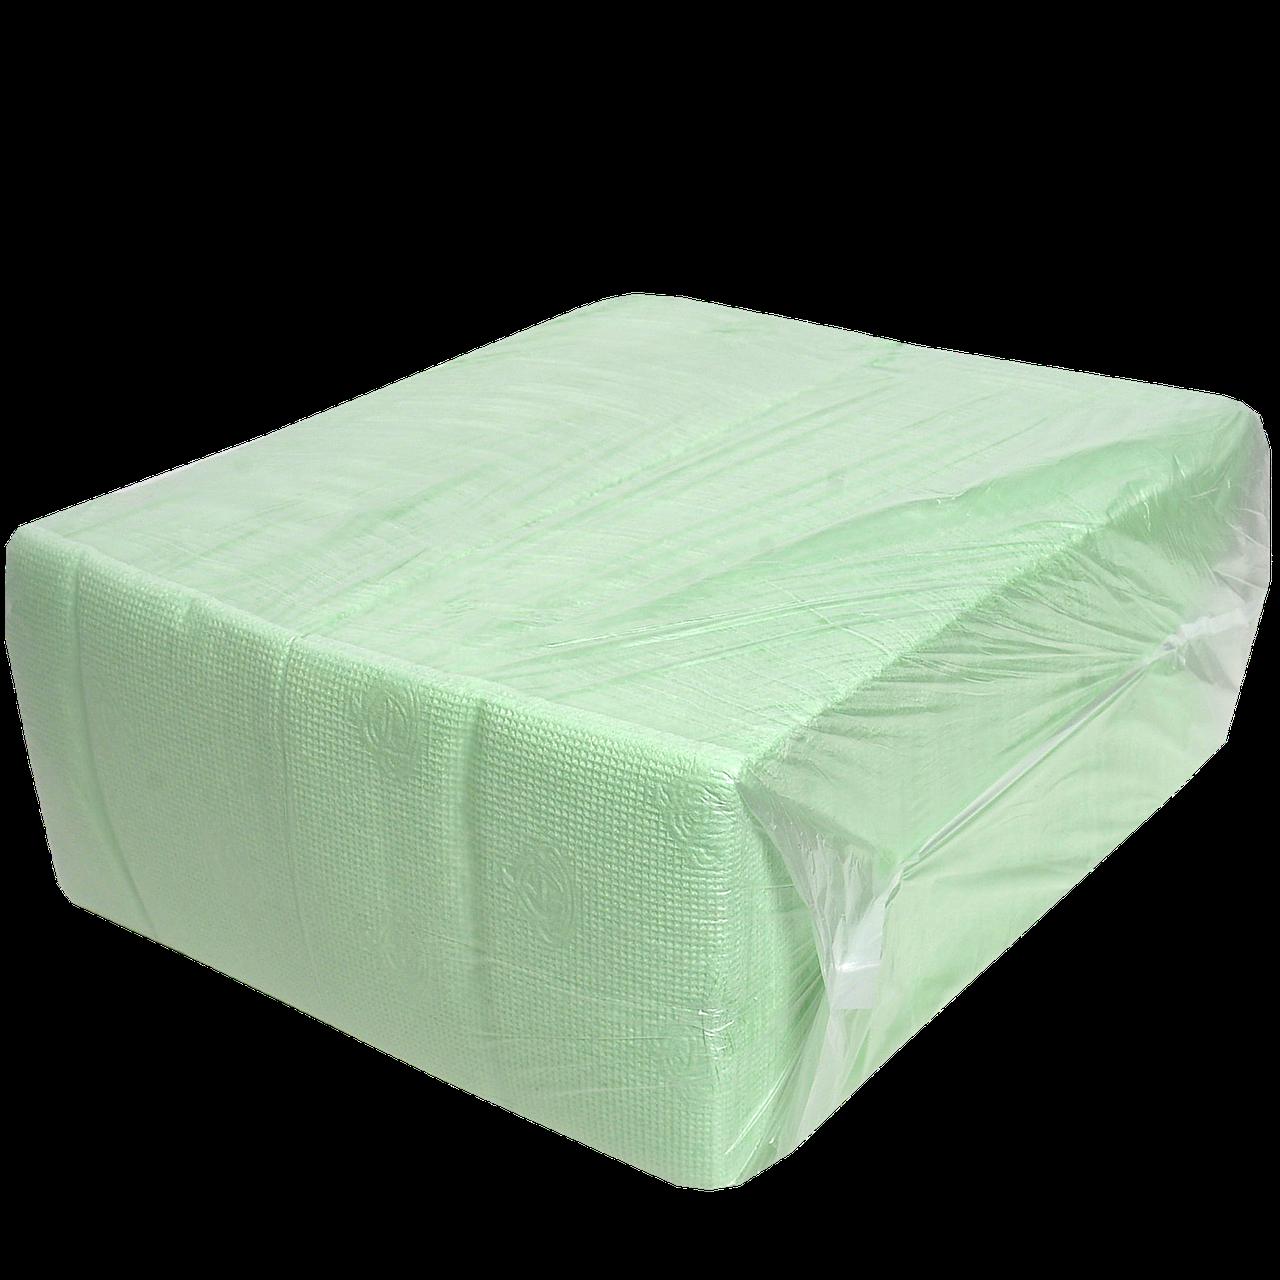 Салфетка Барная Салатовая 1уп/500шт